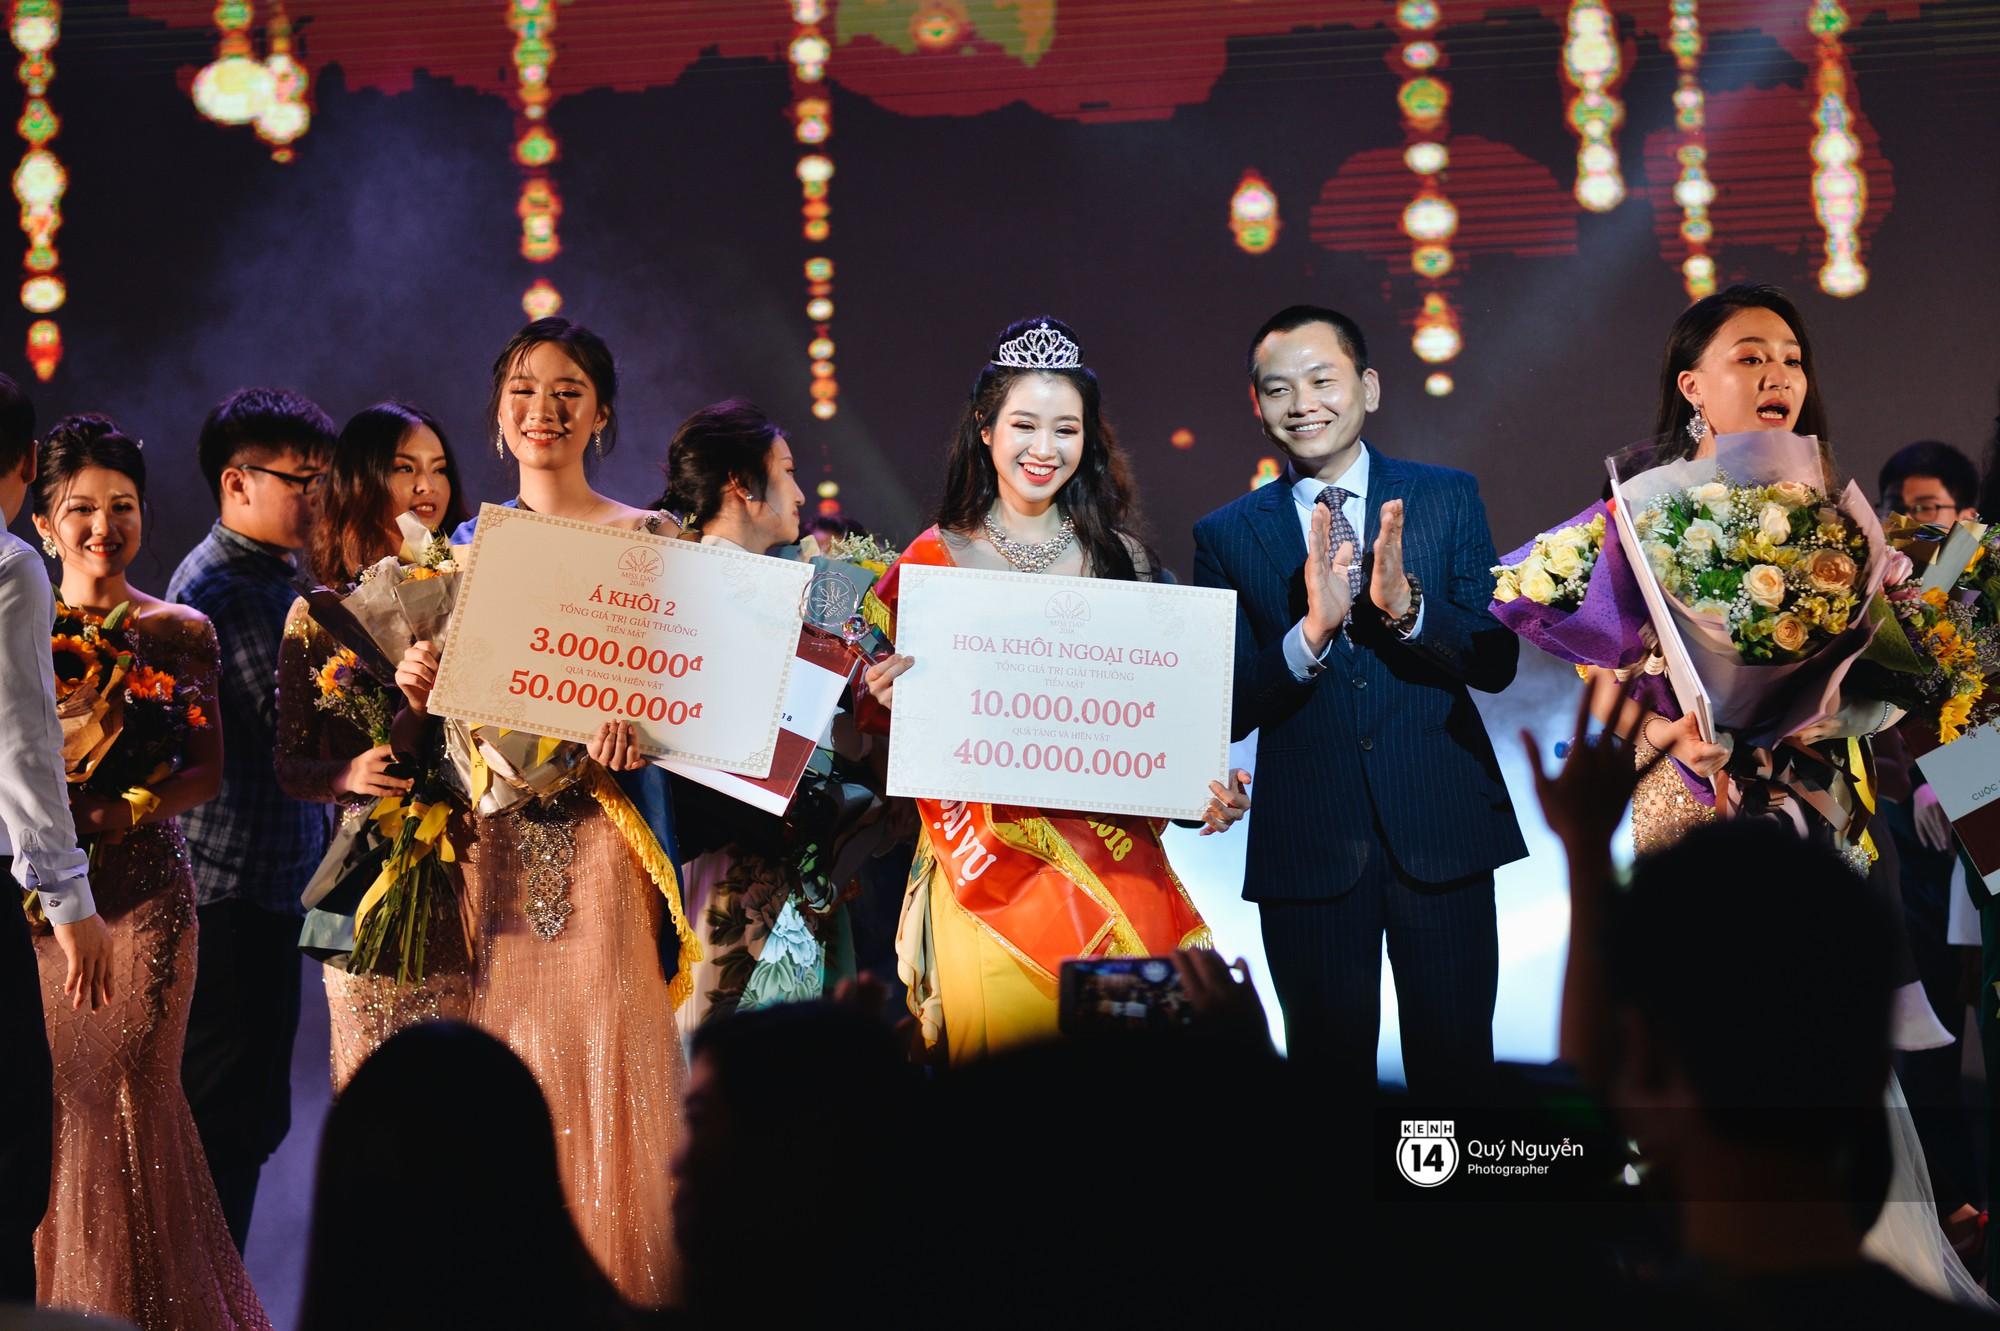 Ứng xử tiếng Anh xuất sắc, nữ sinh năm 4 đăng quang Hoa khôi Ngoại giao 2018! - Ảnh 11.